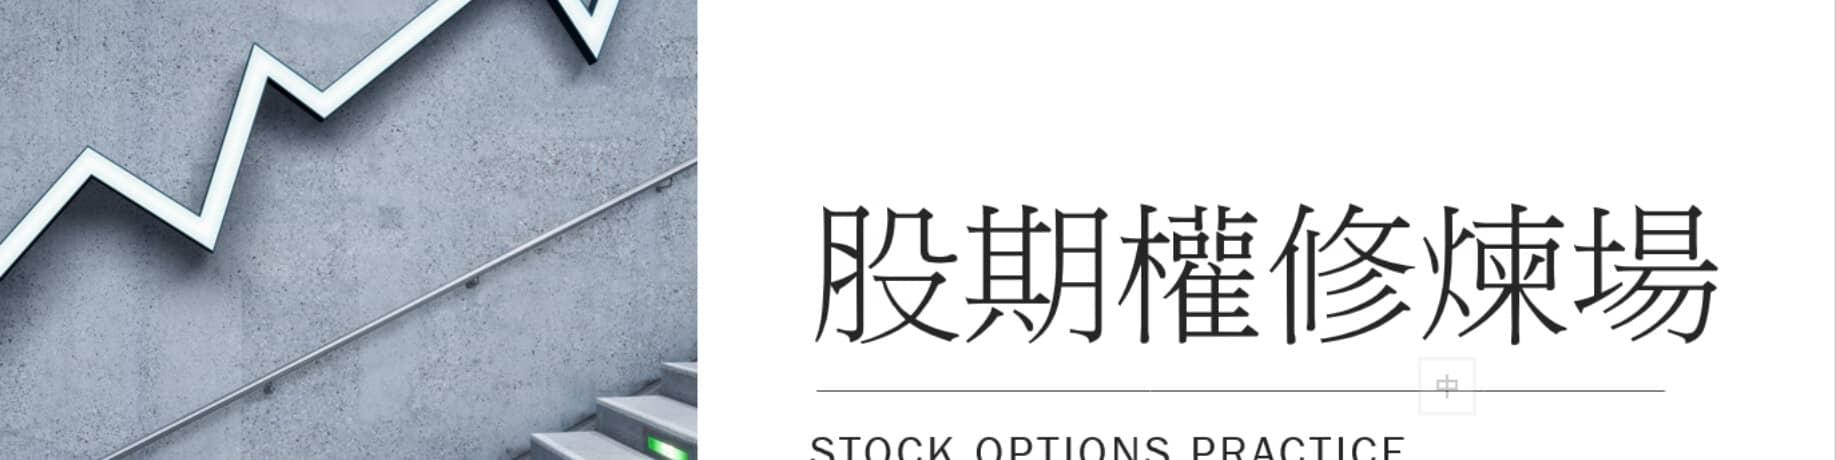 股期權修煉場